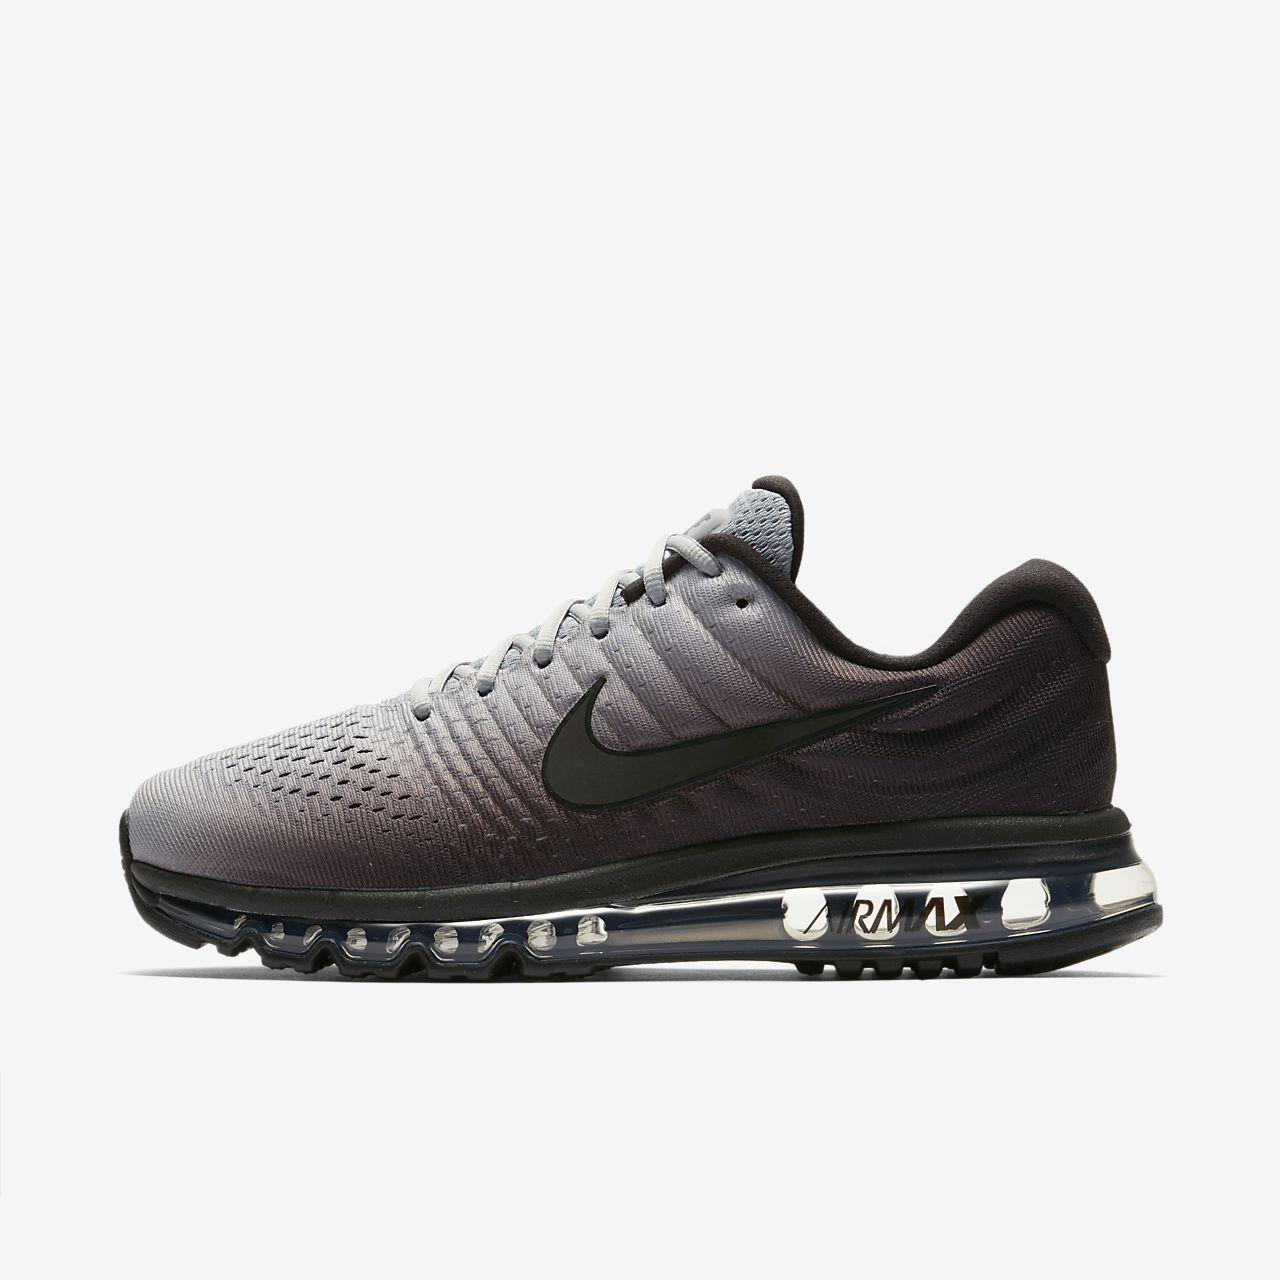 Pánská běžecká bota Nike Air Max 2017